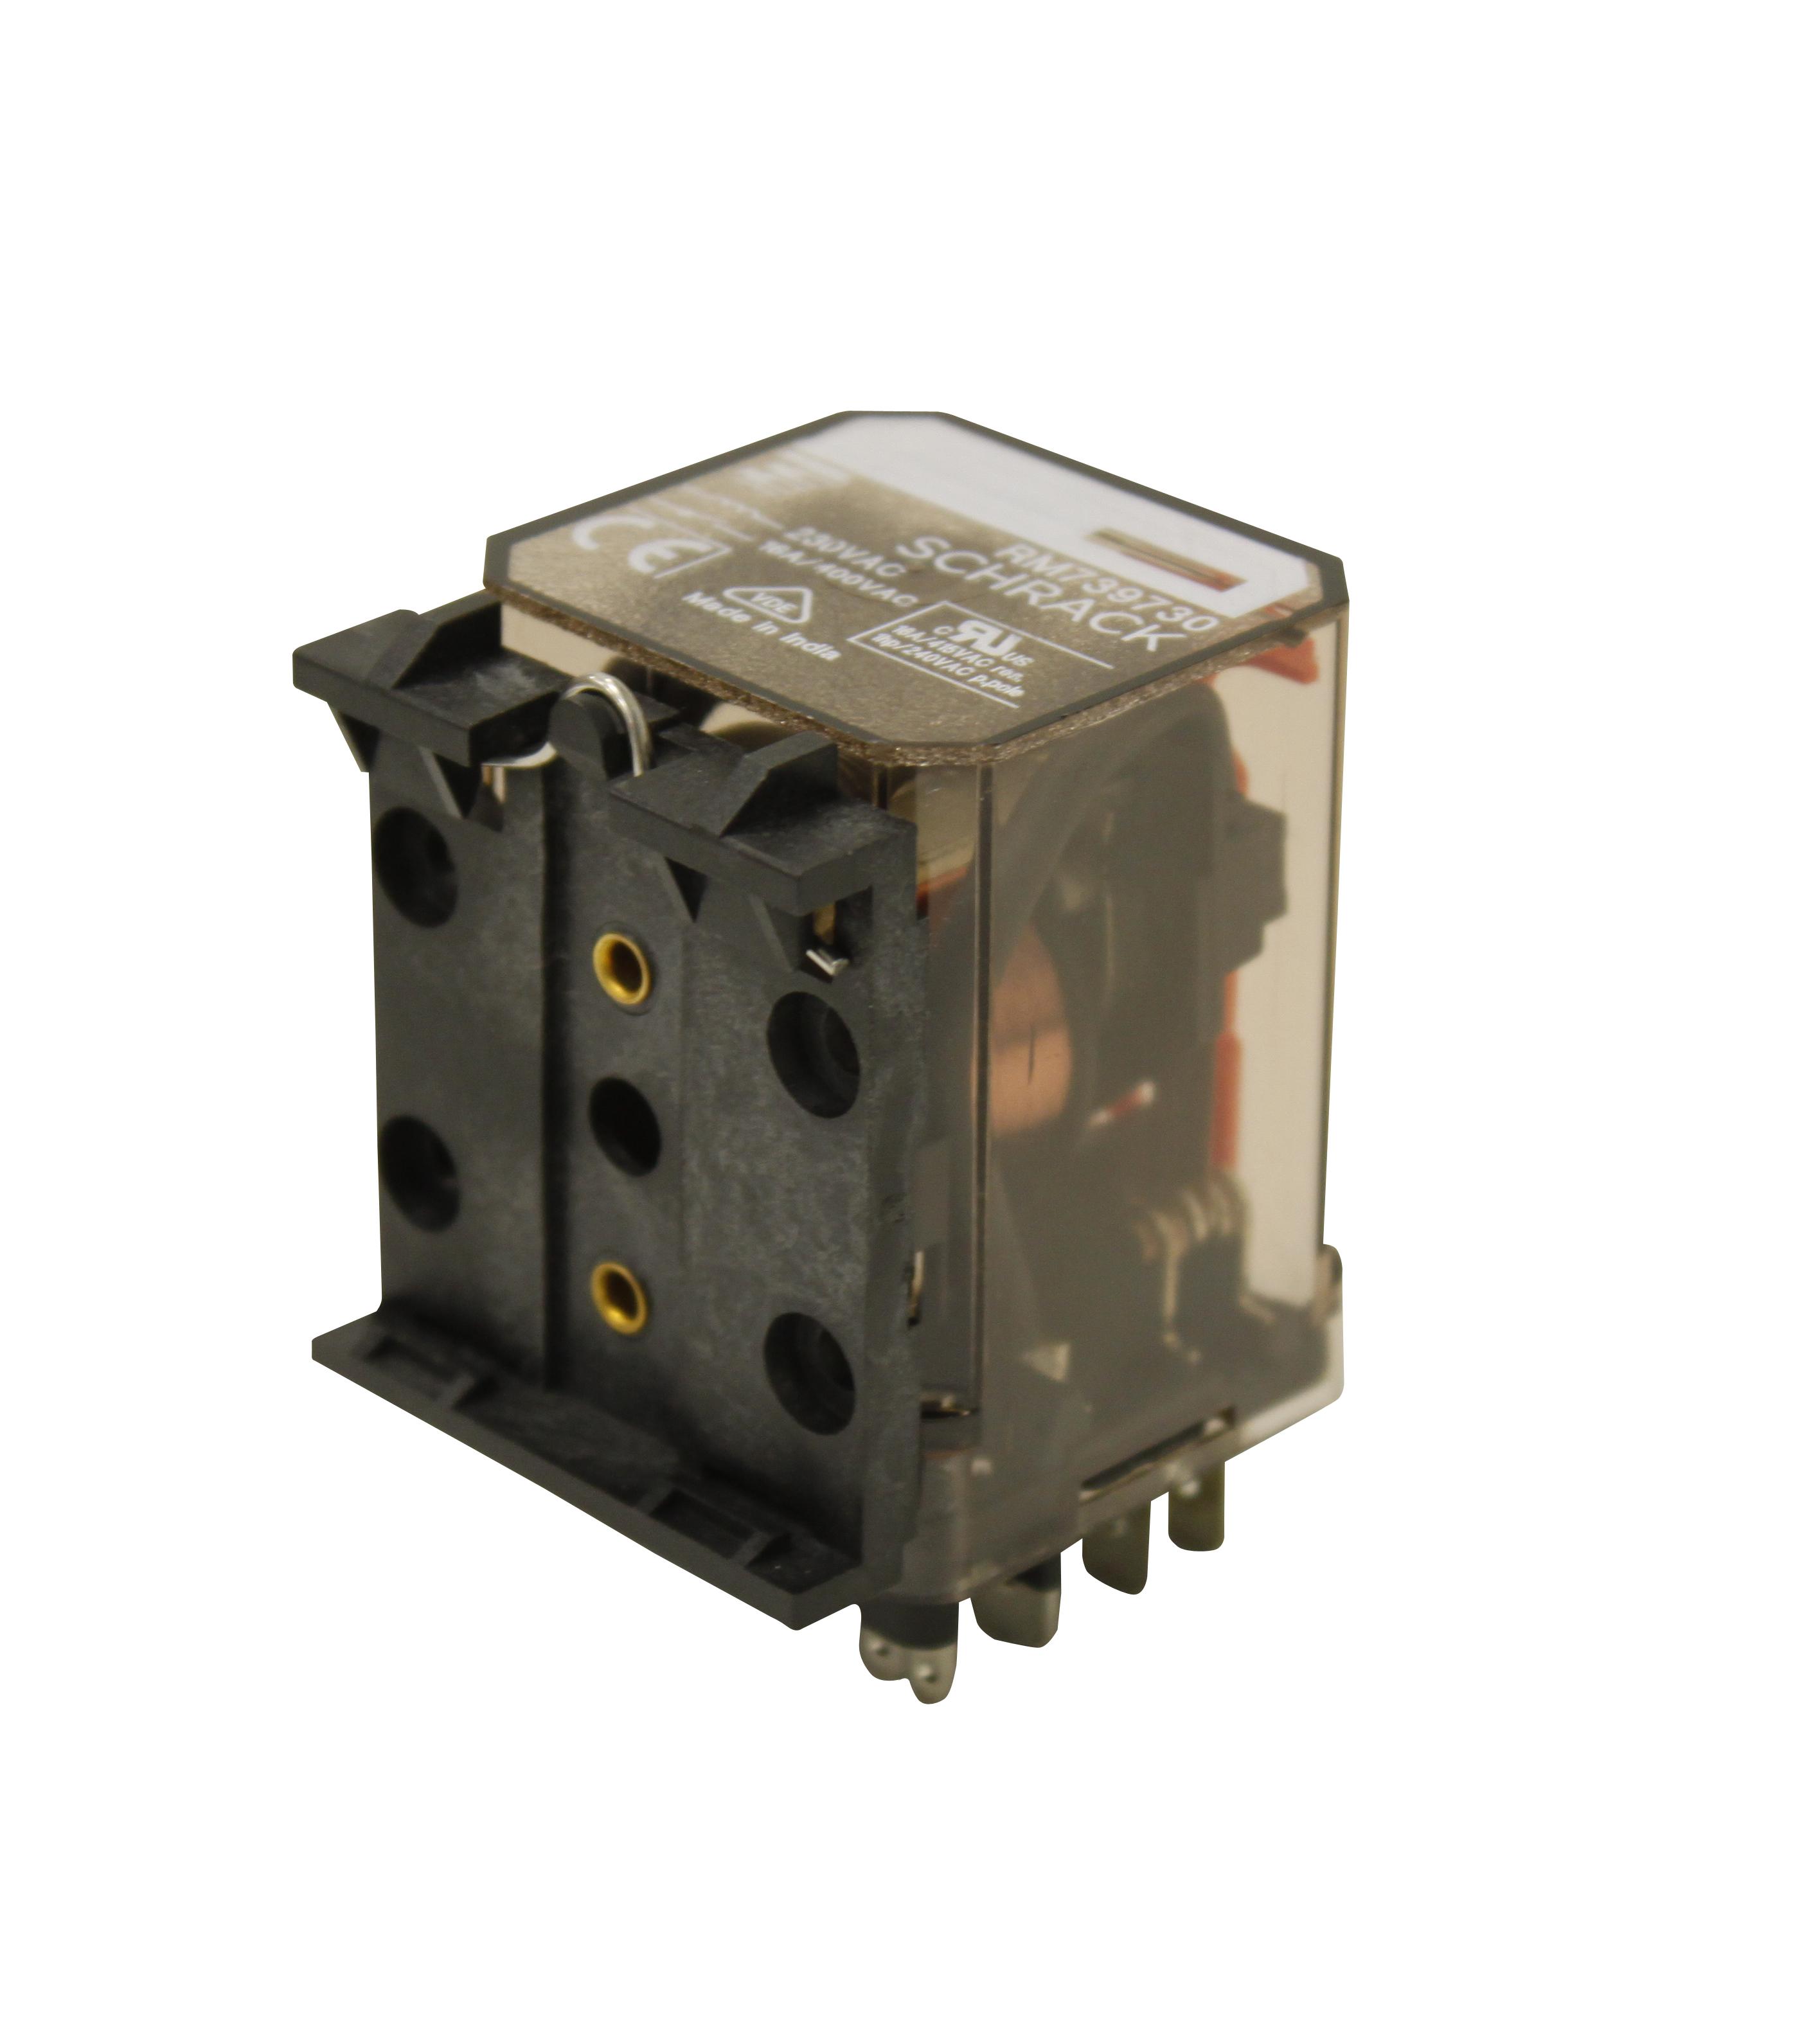 1 Stk Leistungsrelais, 3 Wechsler, 16A, 230VAC, Faston250, liegend RM7397305E